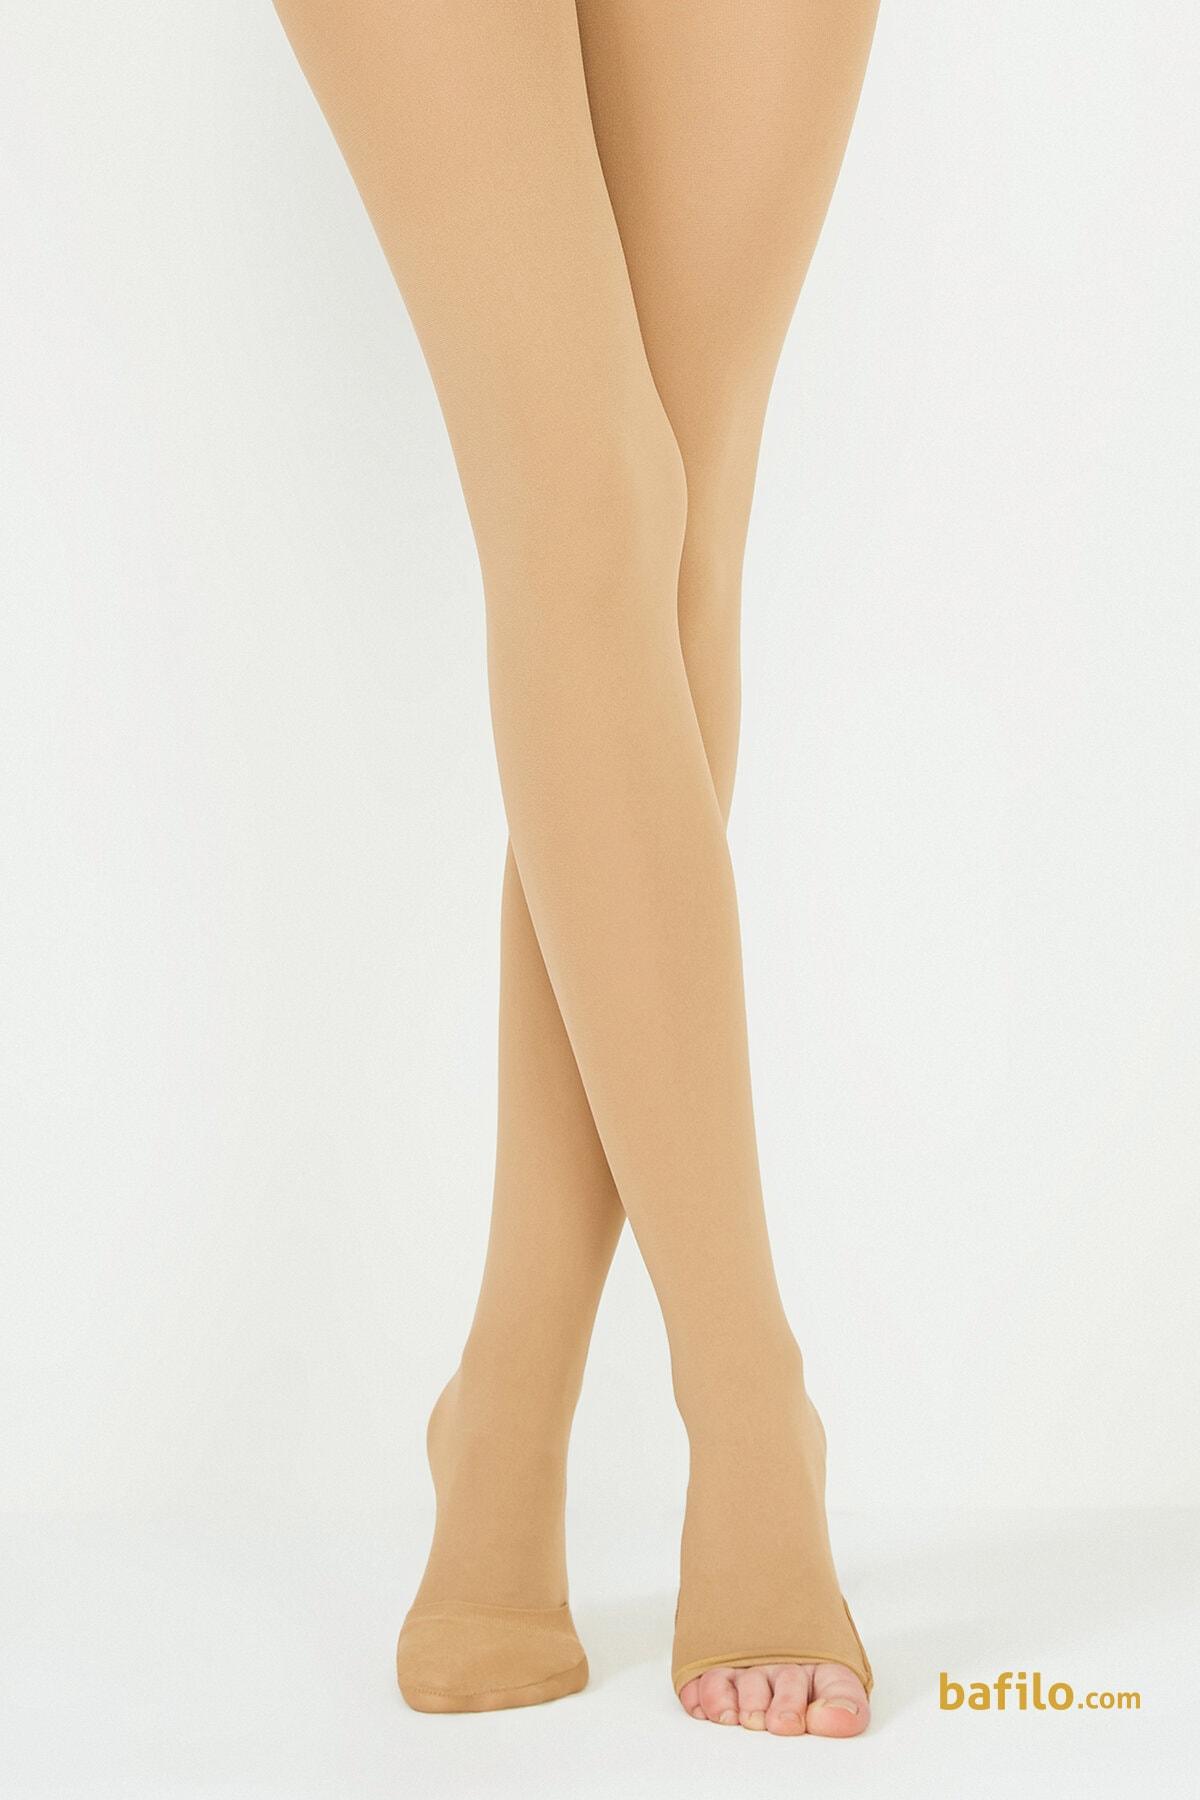 پنتی | Penti - جوراب شلواری وضو زنانه پنتی Pratik رنگ بدن